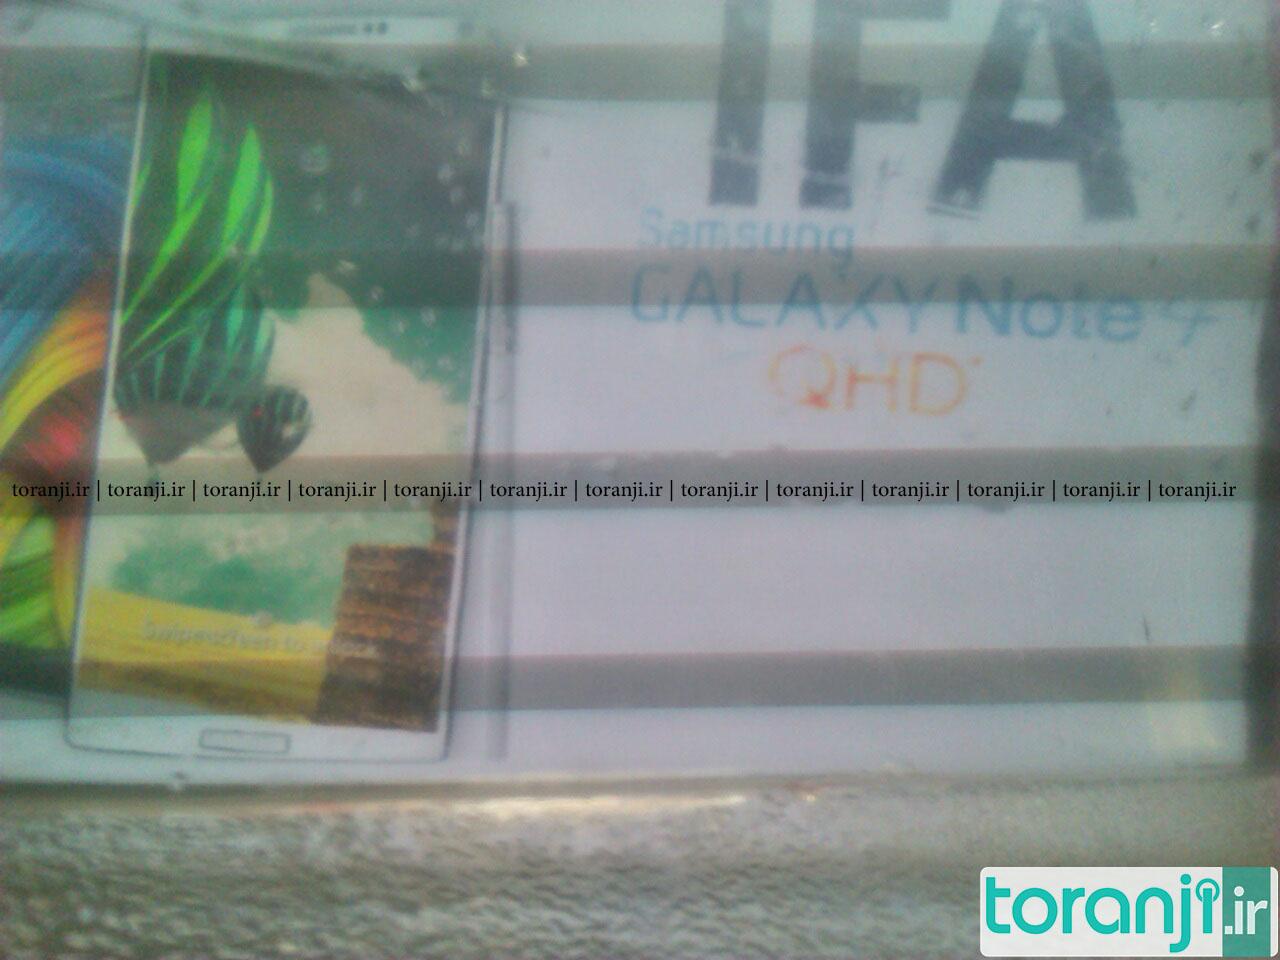 L'écran QHD du Note 4 confirmé par Samsung